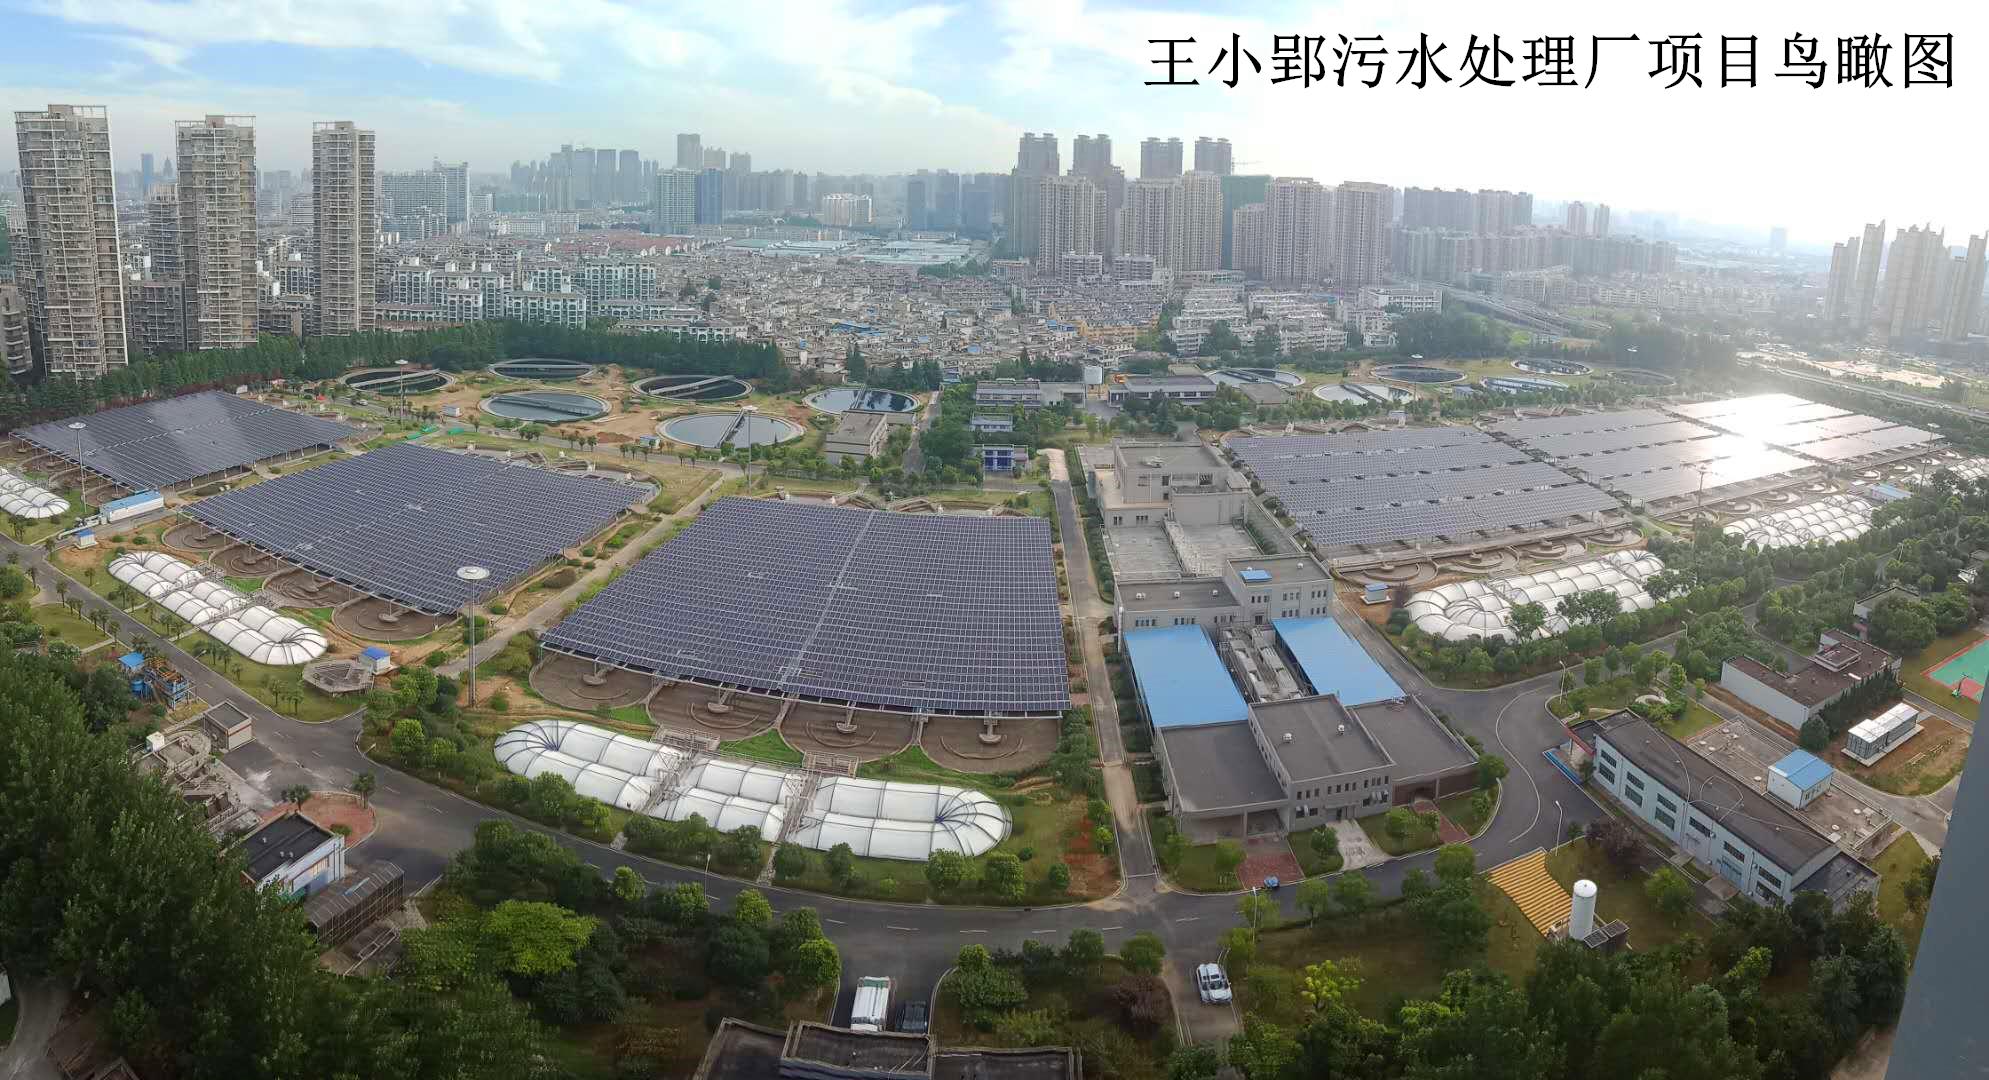 王小郢污水處理廠子站